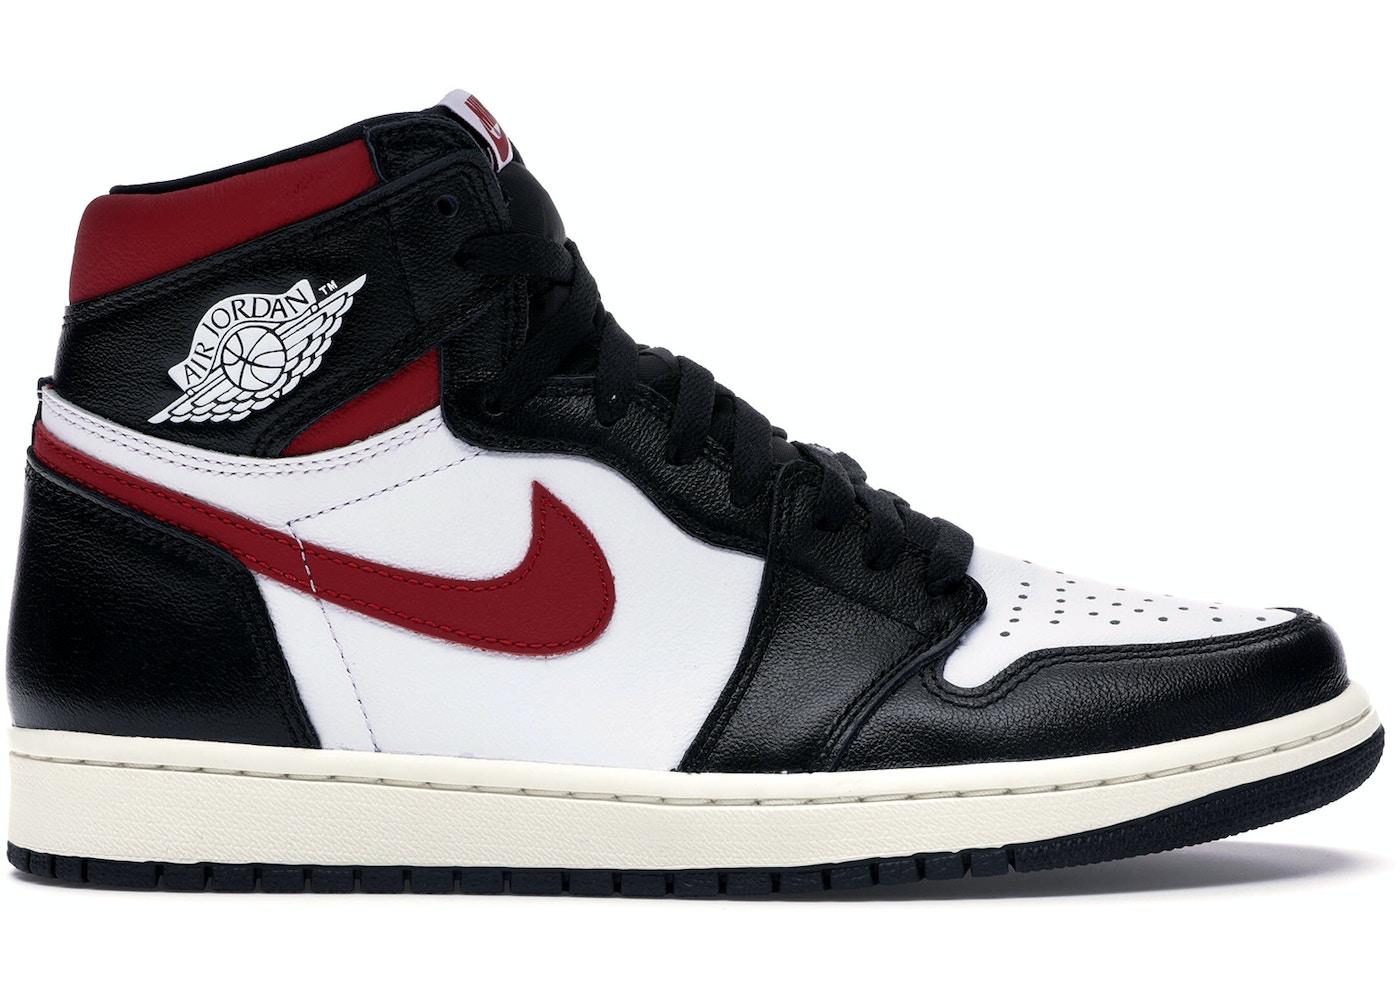 30c5ae7b334 Jordan 1 Retro High Black Gym Red